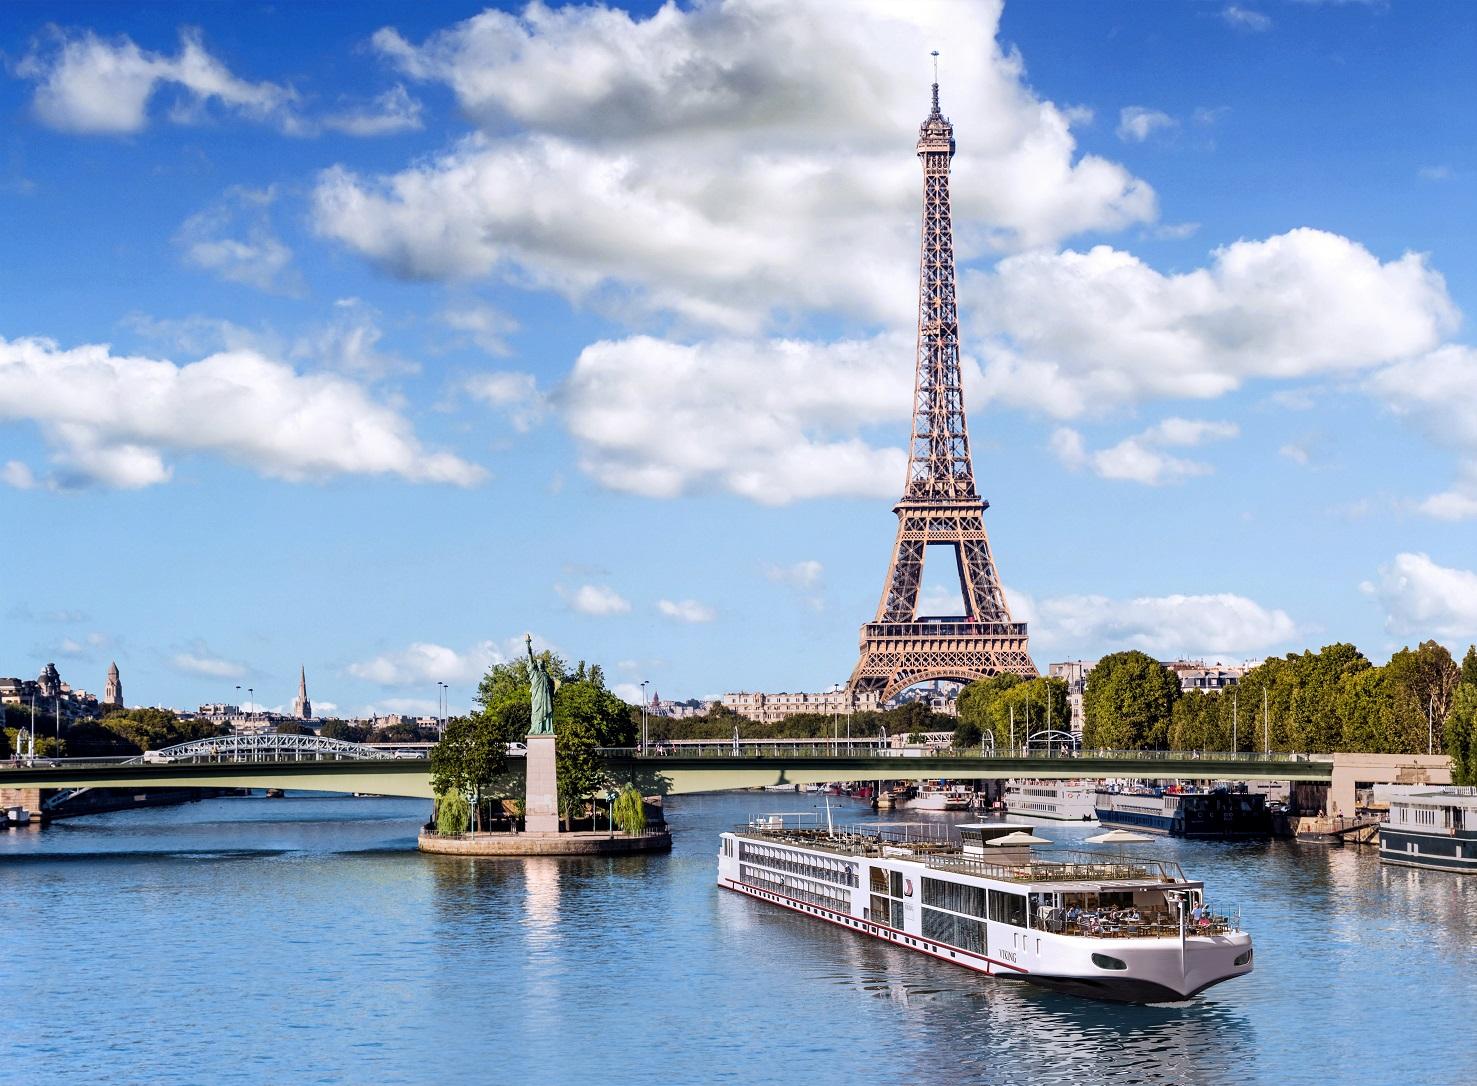 Viking cruise ship in Paris